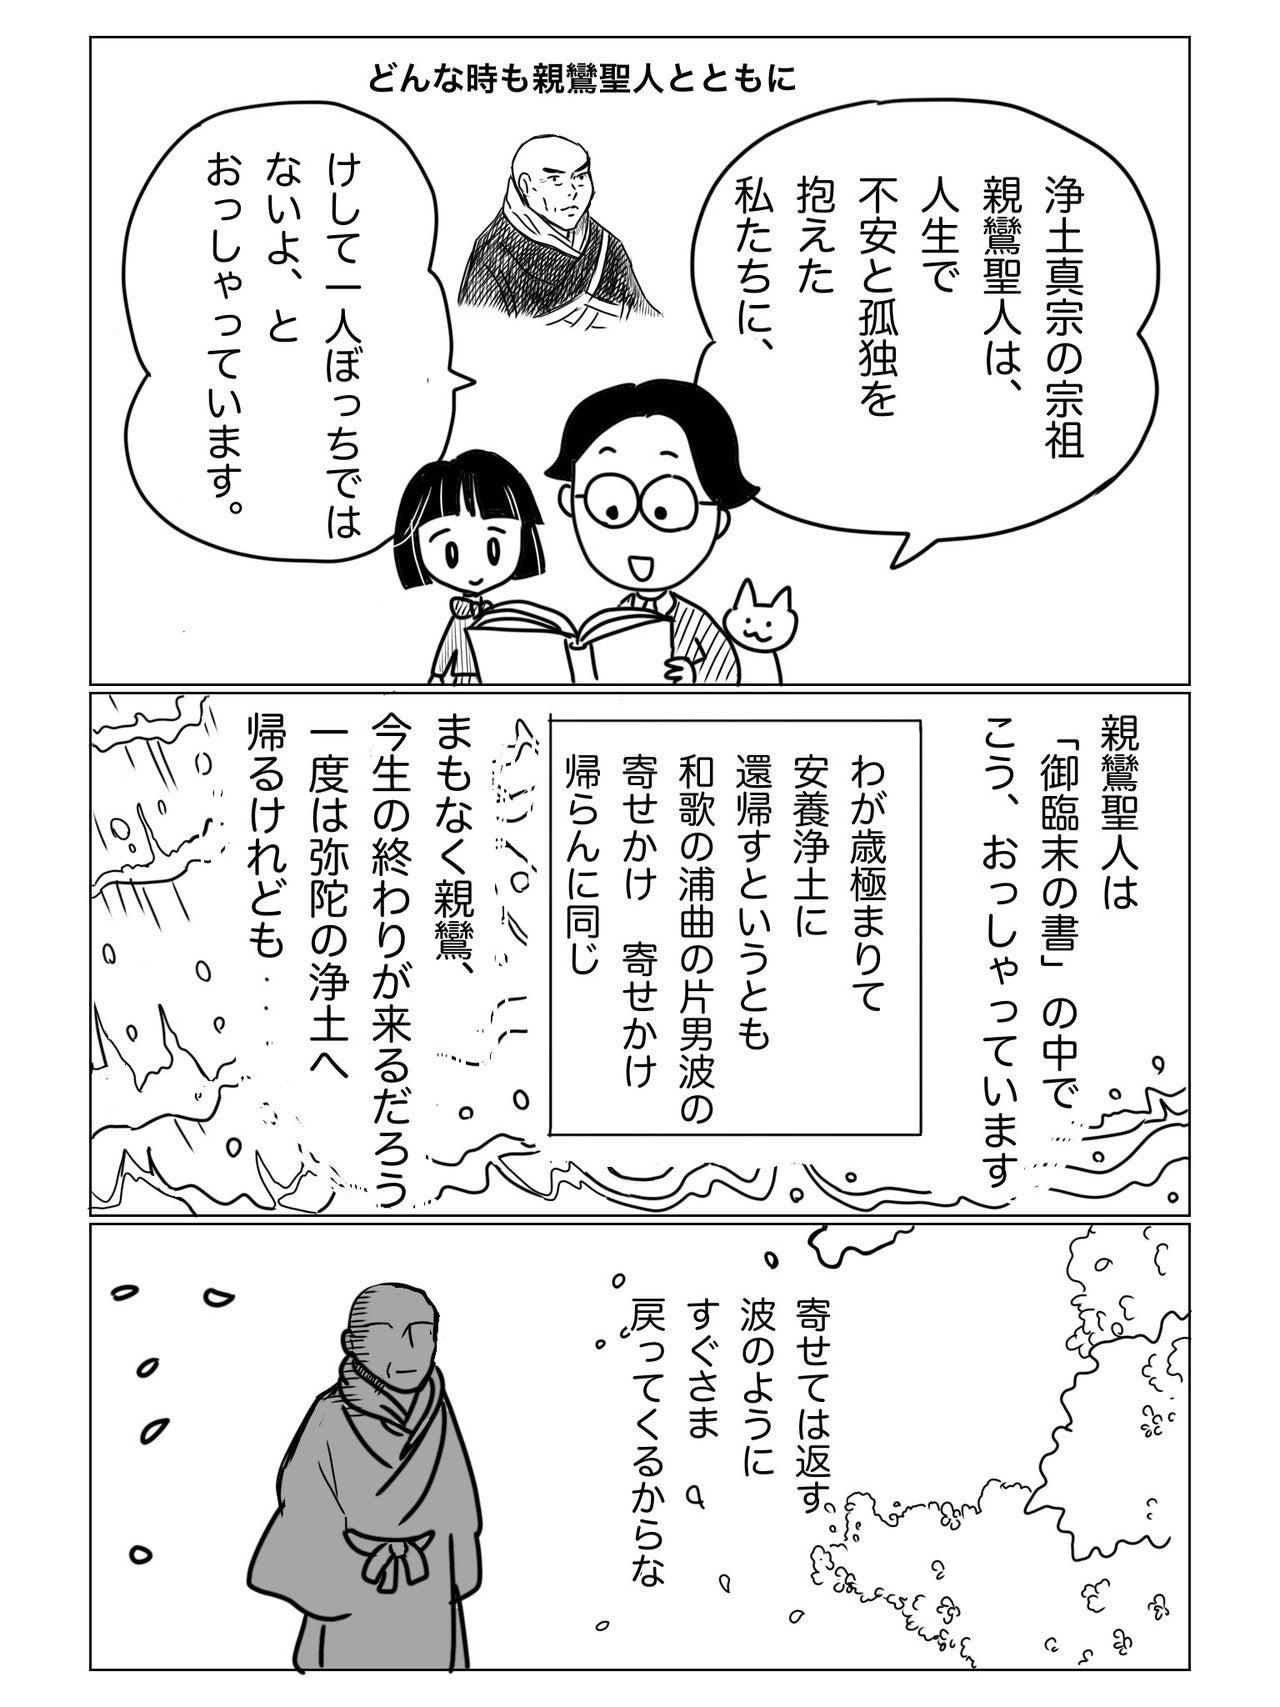 親鸞の言葉|伊藤礼子|note